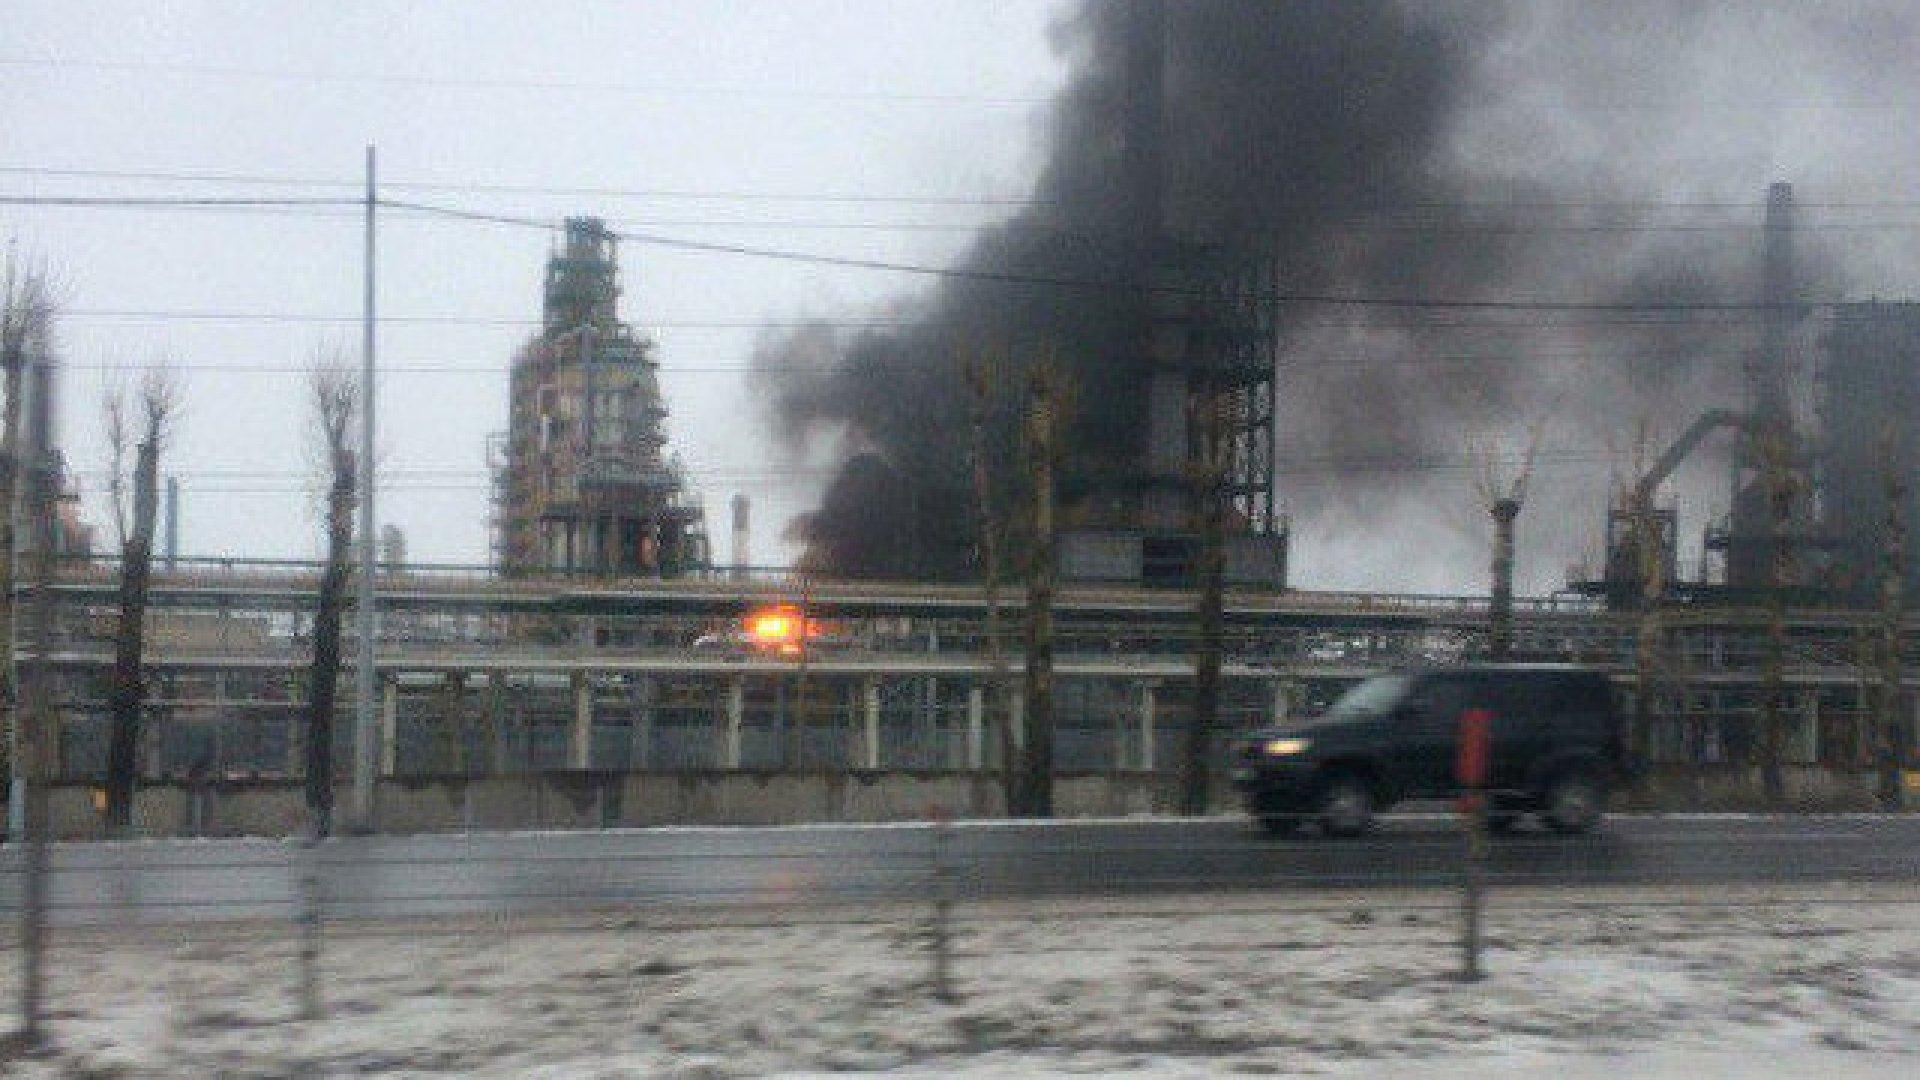 копченой куриной пожар на нефтезаводе в ярославле сайт